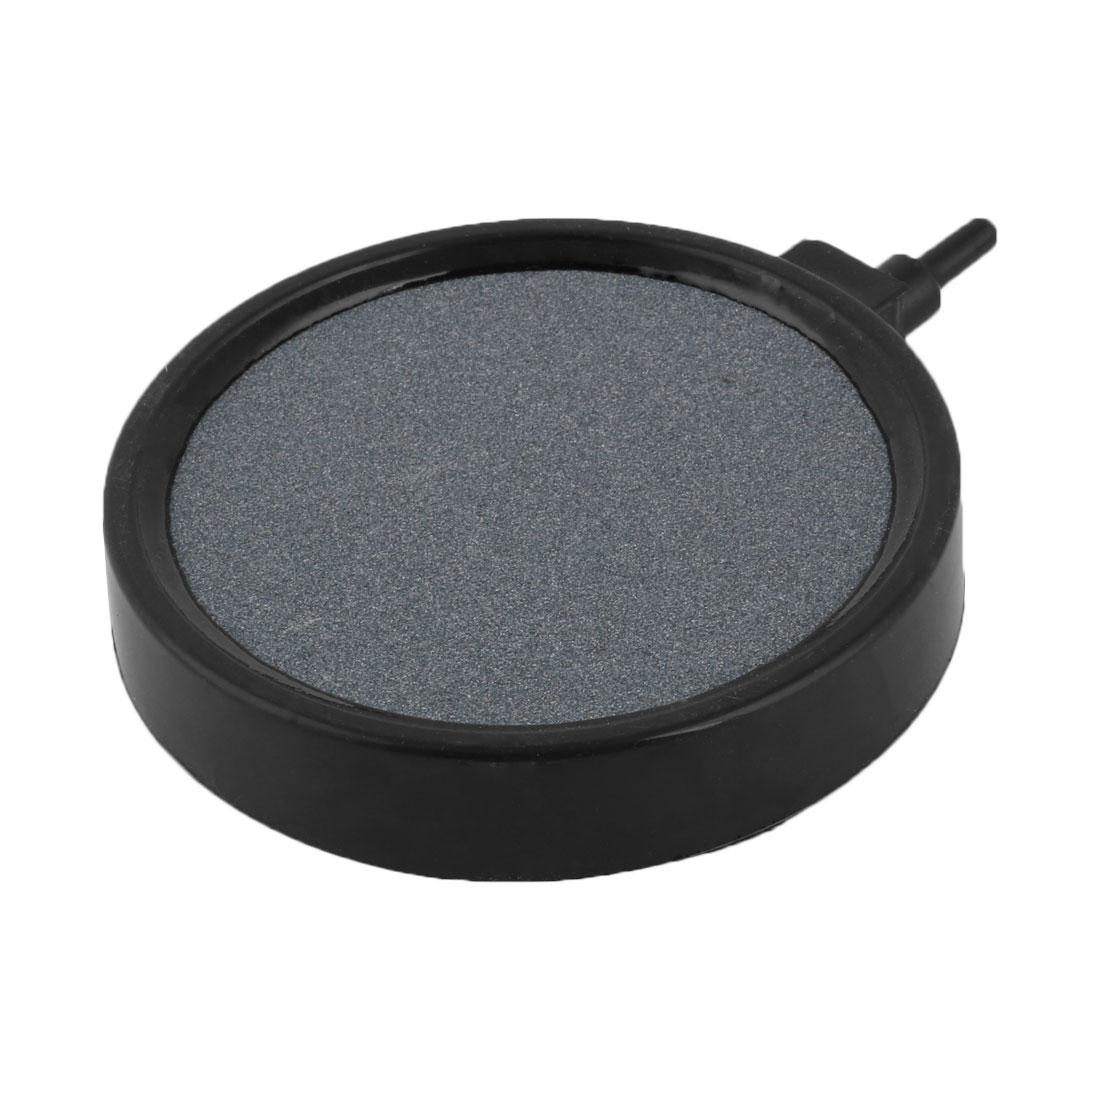 Aquarium Aquaculture Carborundum Disk Bubble Diffuser Air Stone Dark Gray